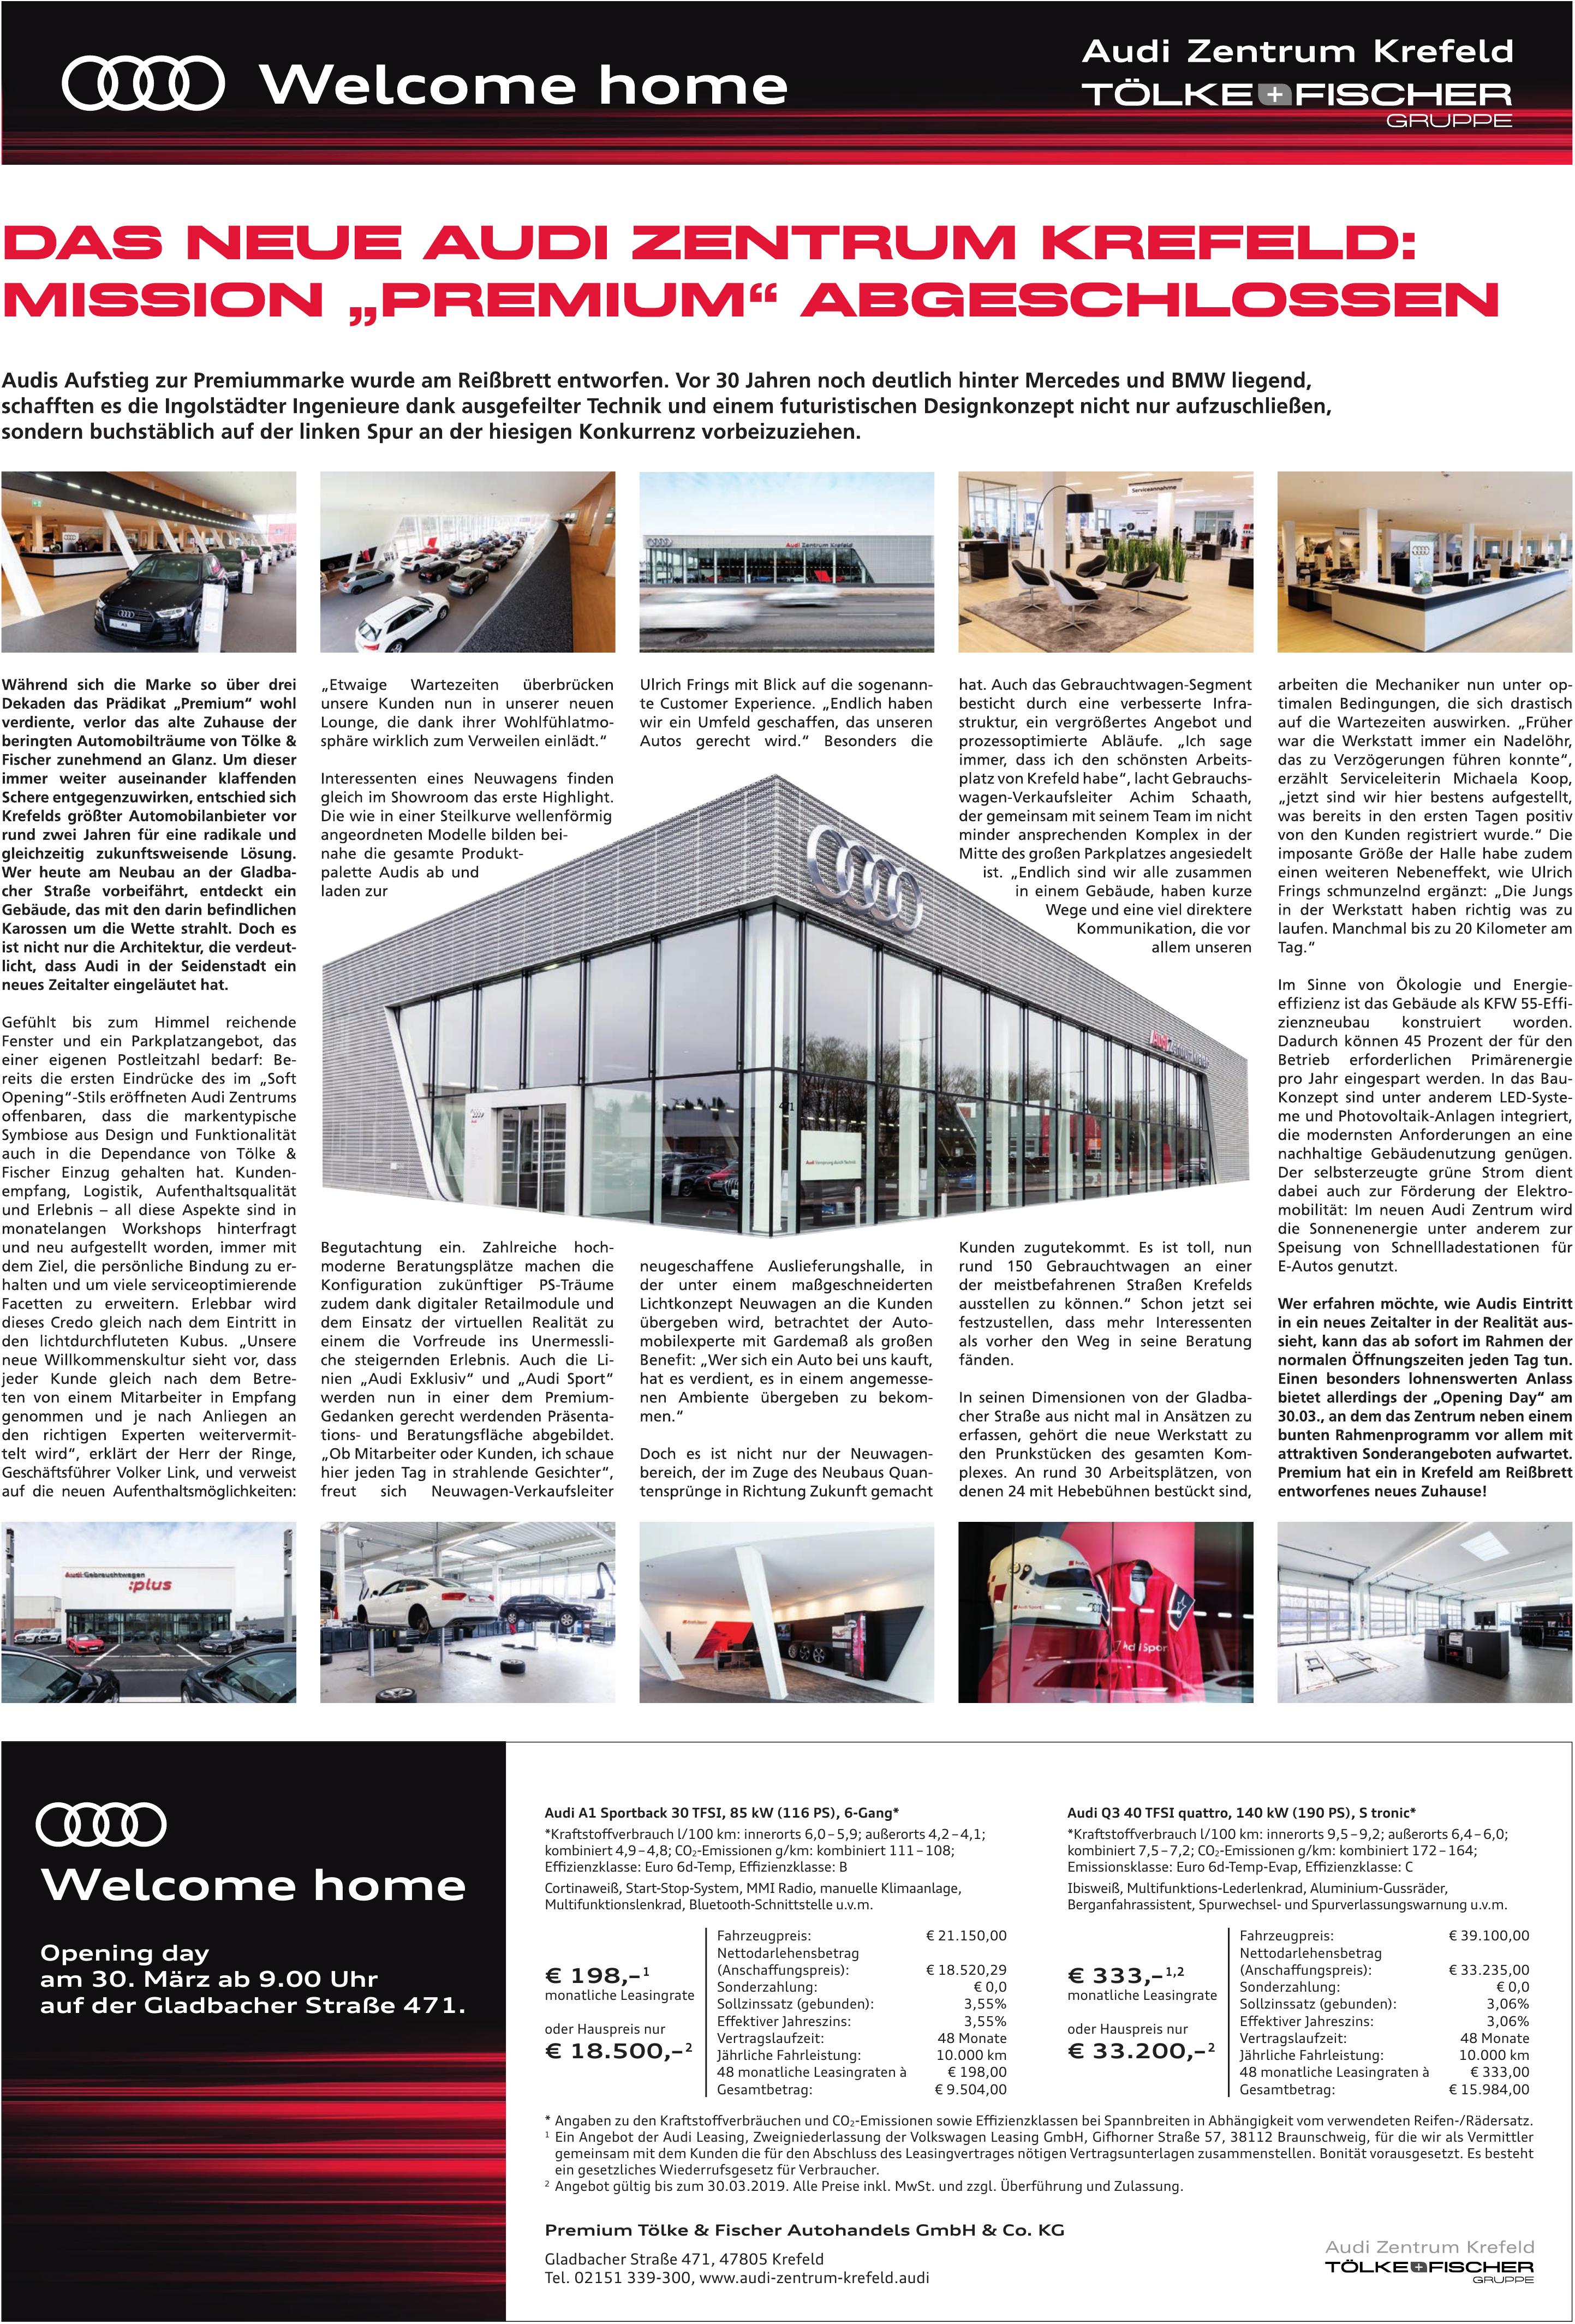 Premium Tölke & Fischer Autohandels GmbH & Co. KG